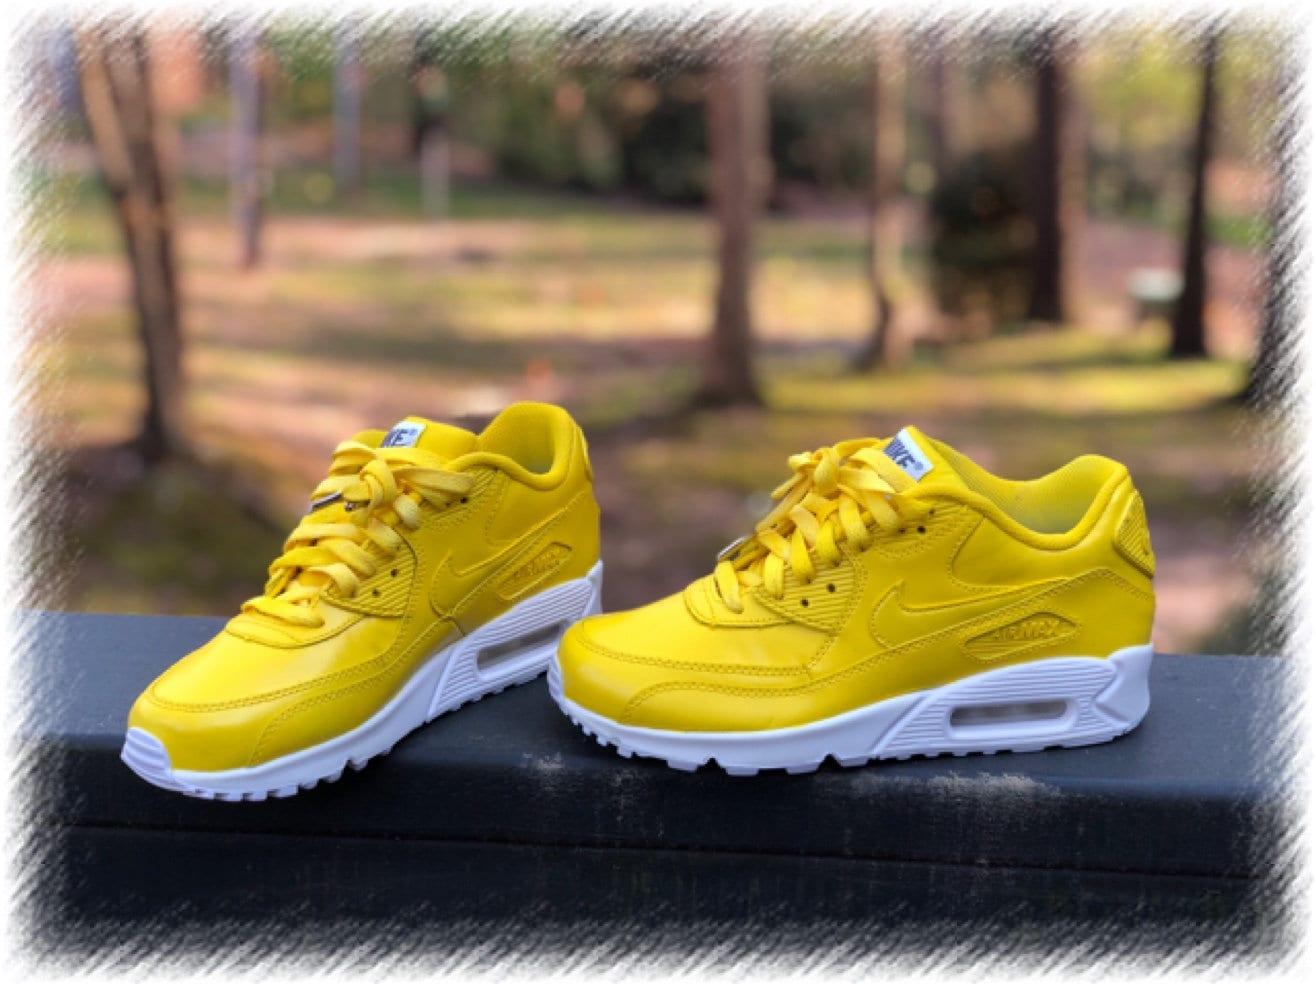 pretty nice 853eb 87833 Sunshine Yellow Nike Air Max 90 Customs   Etsy